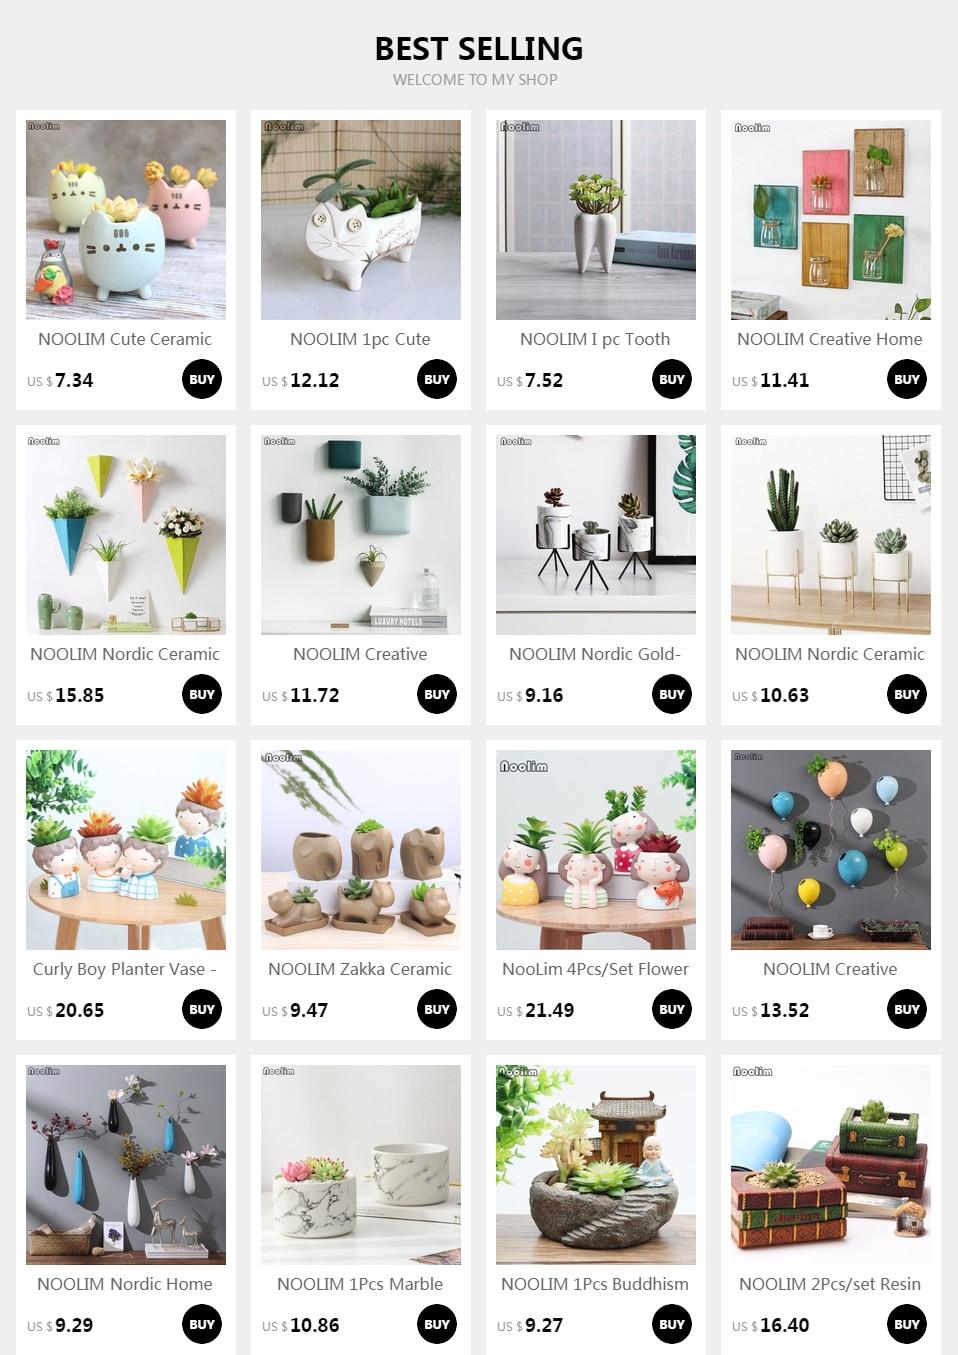 NOOLIM Creative Ceramic Wall Vase Home Hanging Flower Basket Decoration Adornment Solid Color Flower Holder Vases Home Decor